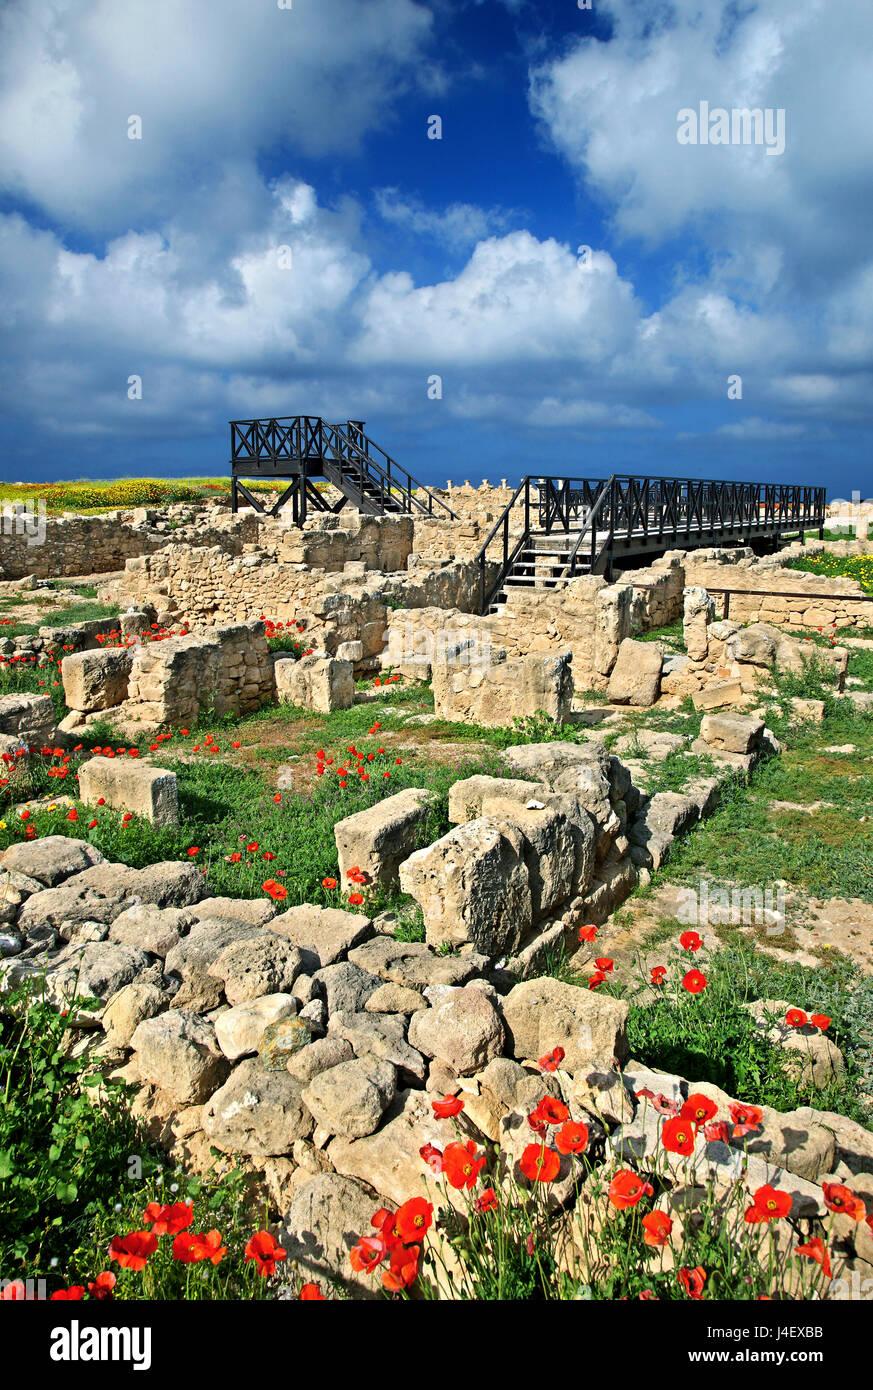 La 'Casa de Teseo' en el Parque Arqueológico de Paphos (Patrimonio de la Humanidad de la UNESCO) Chipre. Imagen De Stock